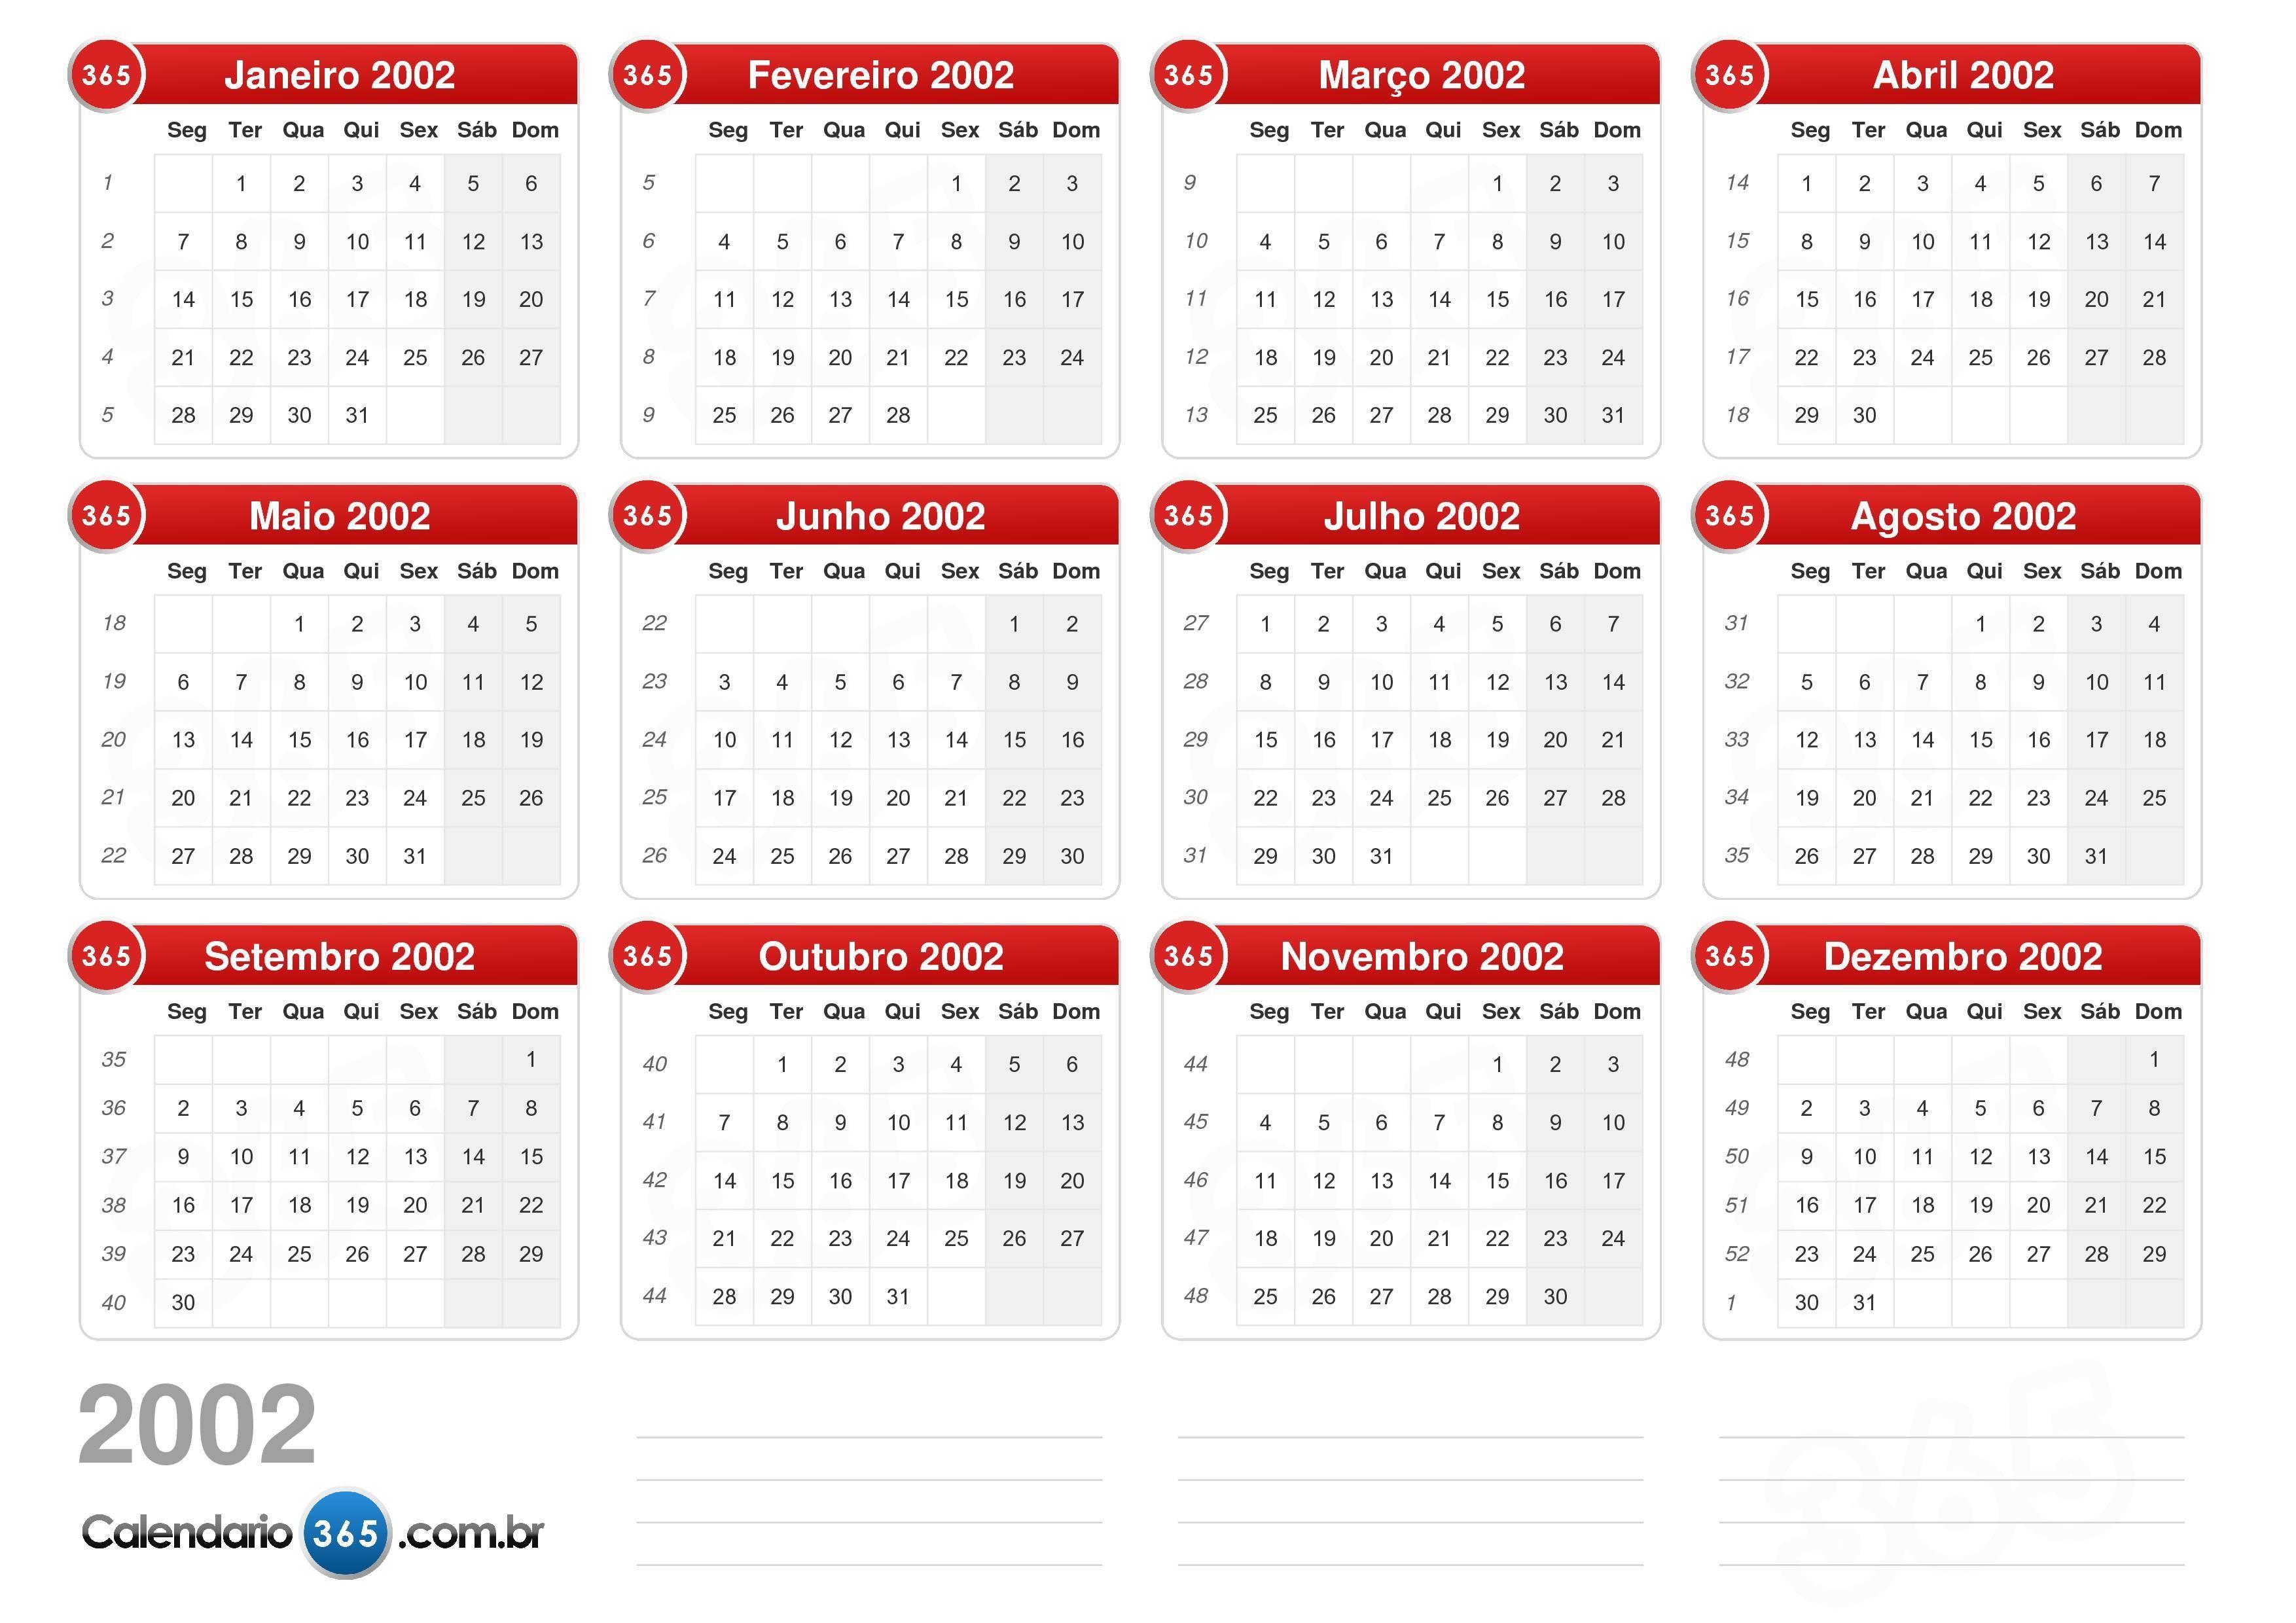 Calendário 2002